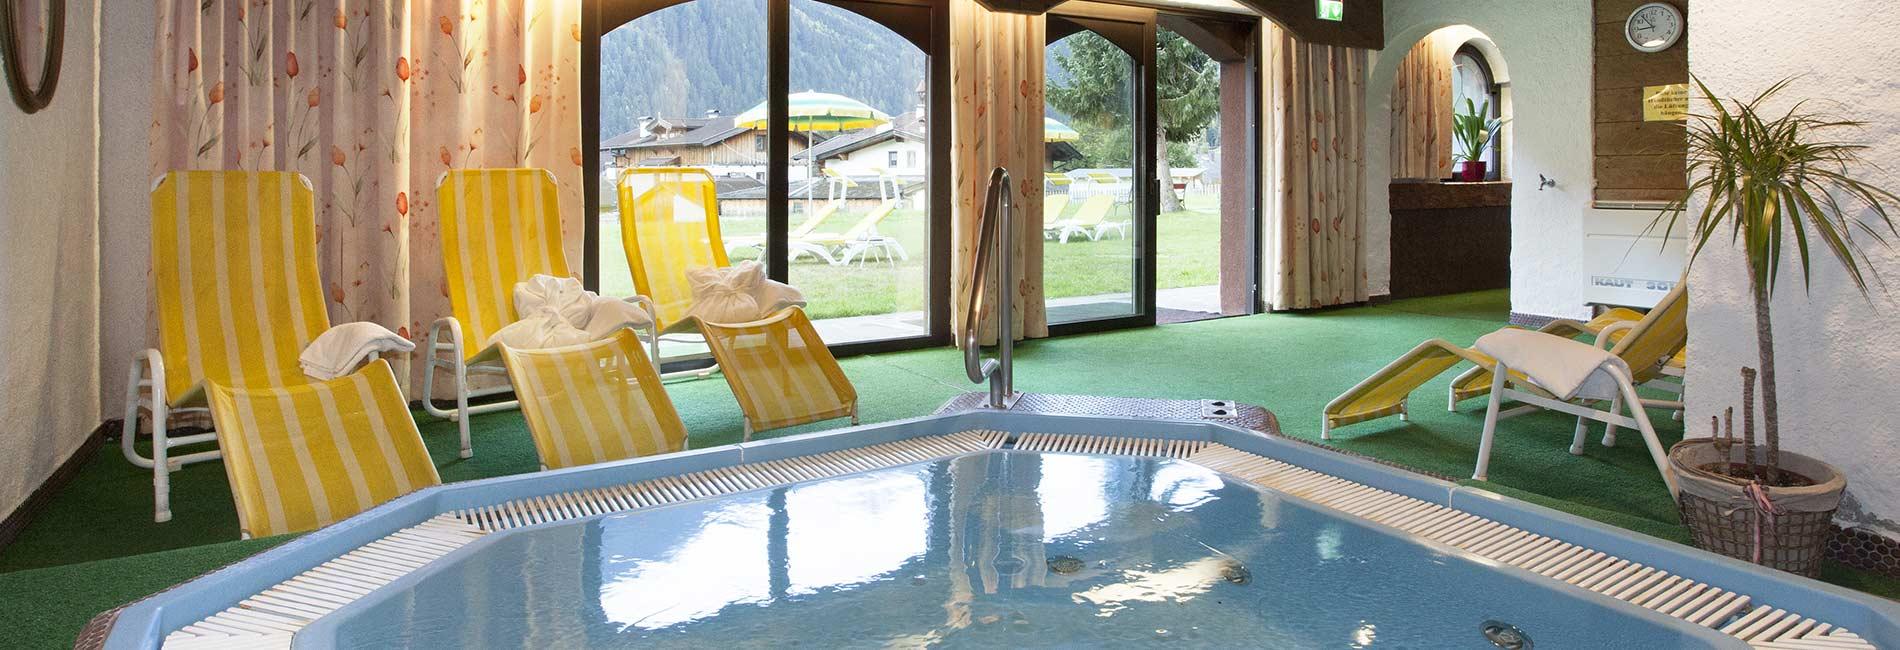 Erholung im Hotel Almhof in Neustift Milders Tirol Österreich